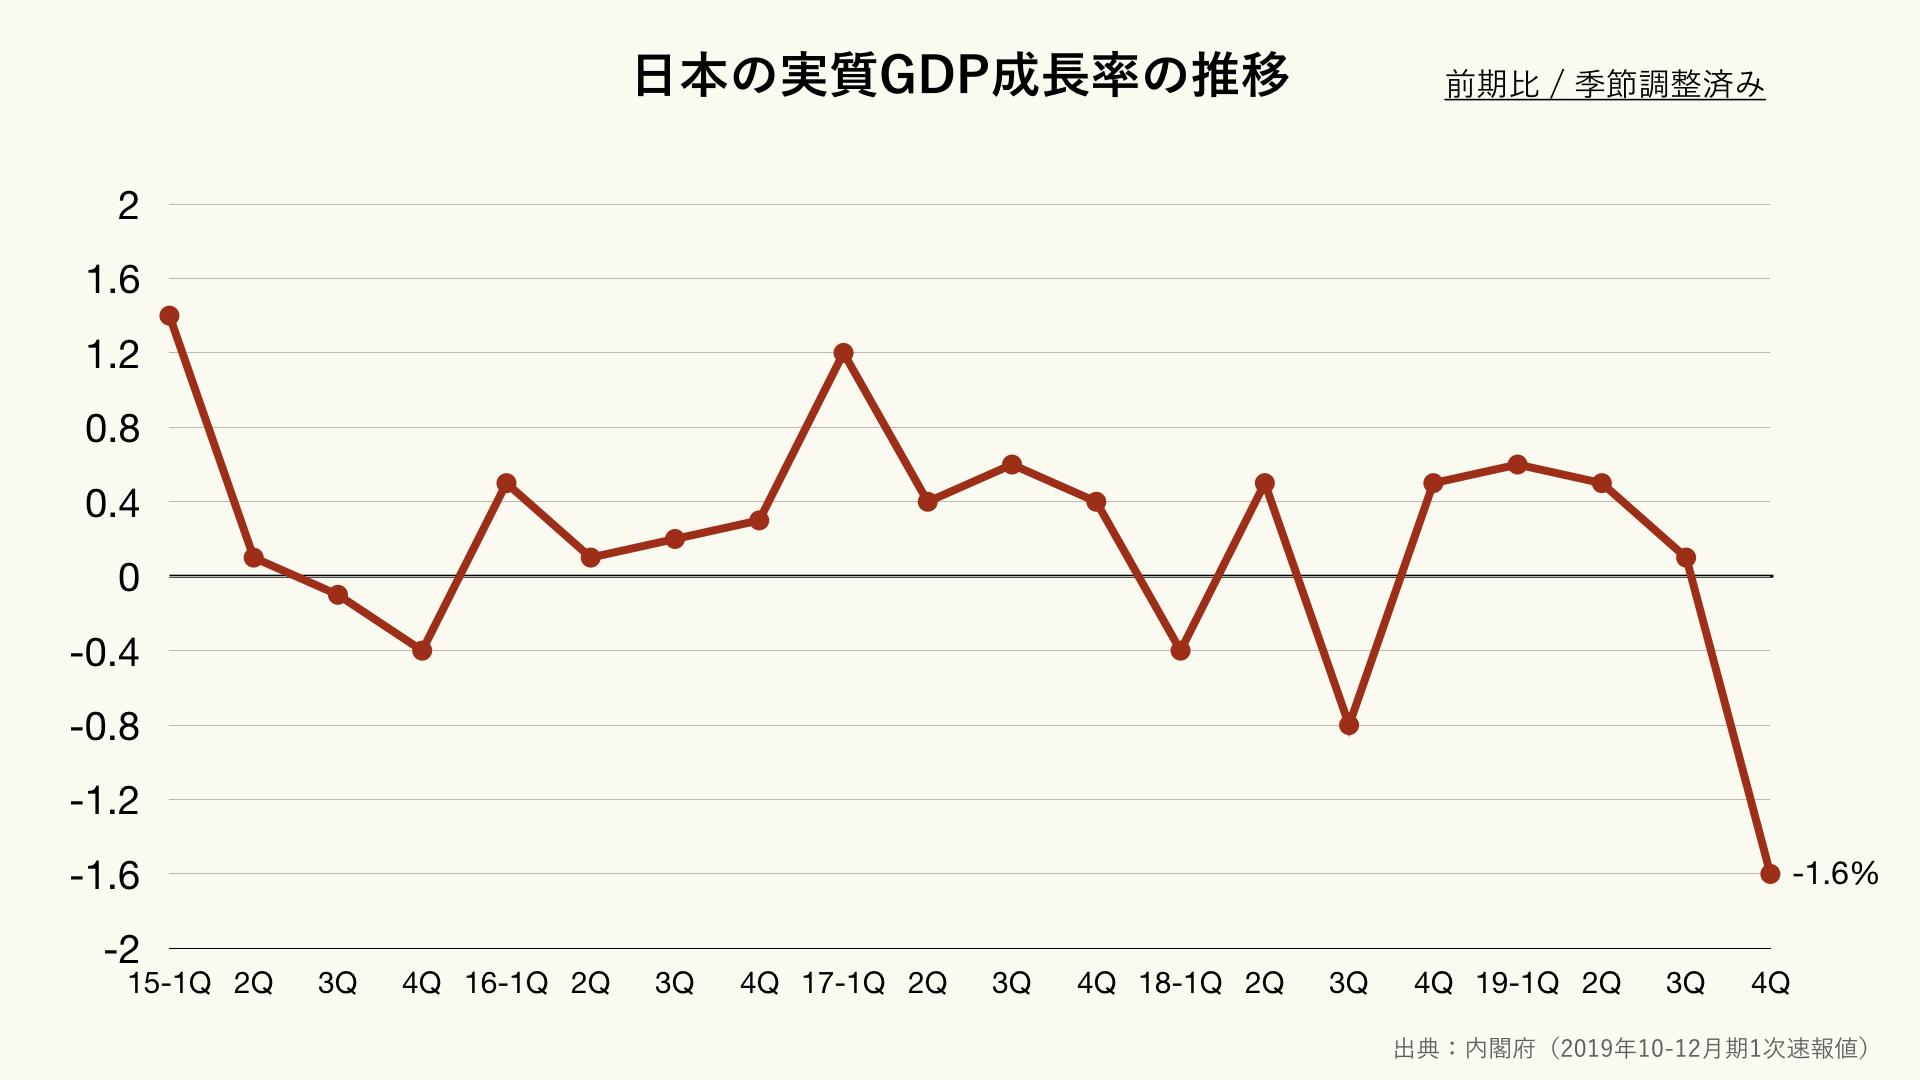 日本の実質GDP成長率の前期比の推移(クリーム)